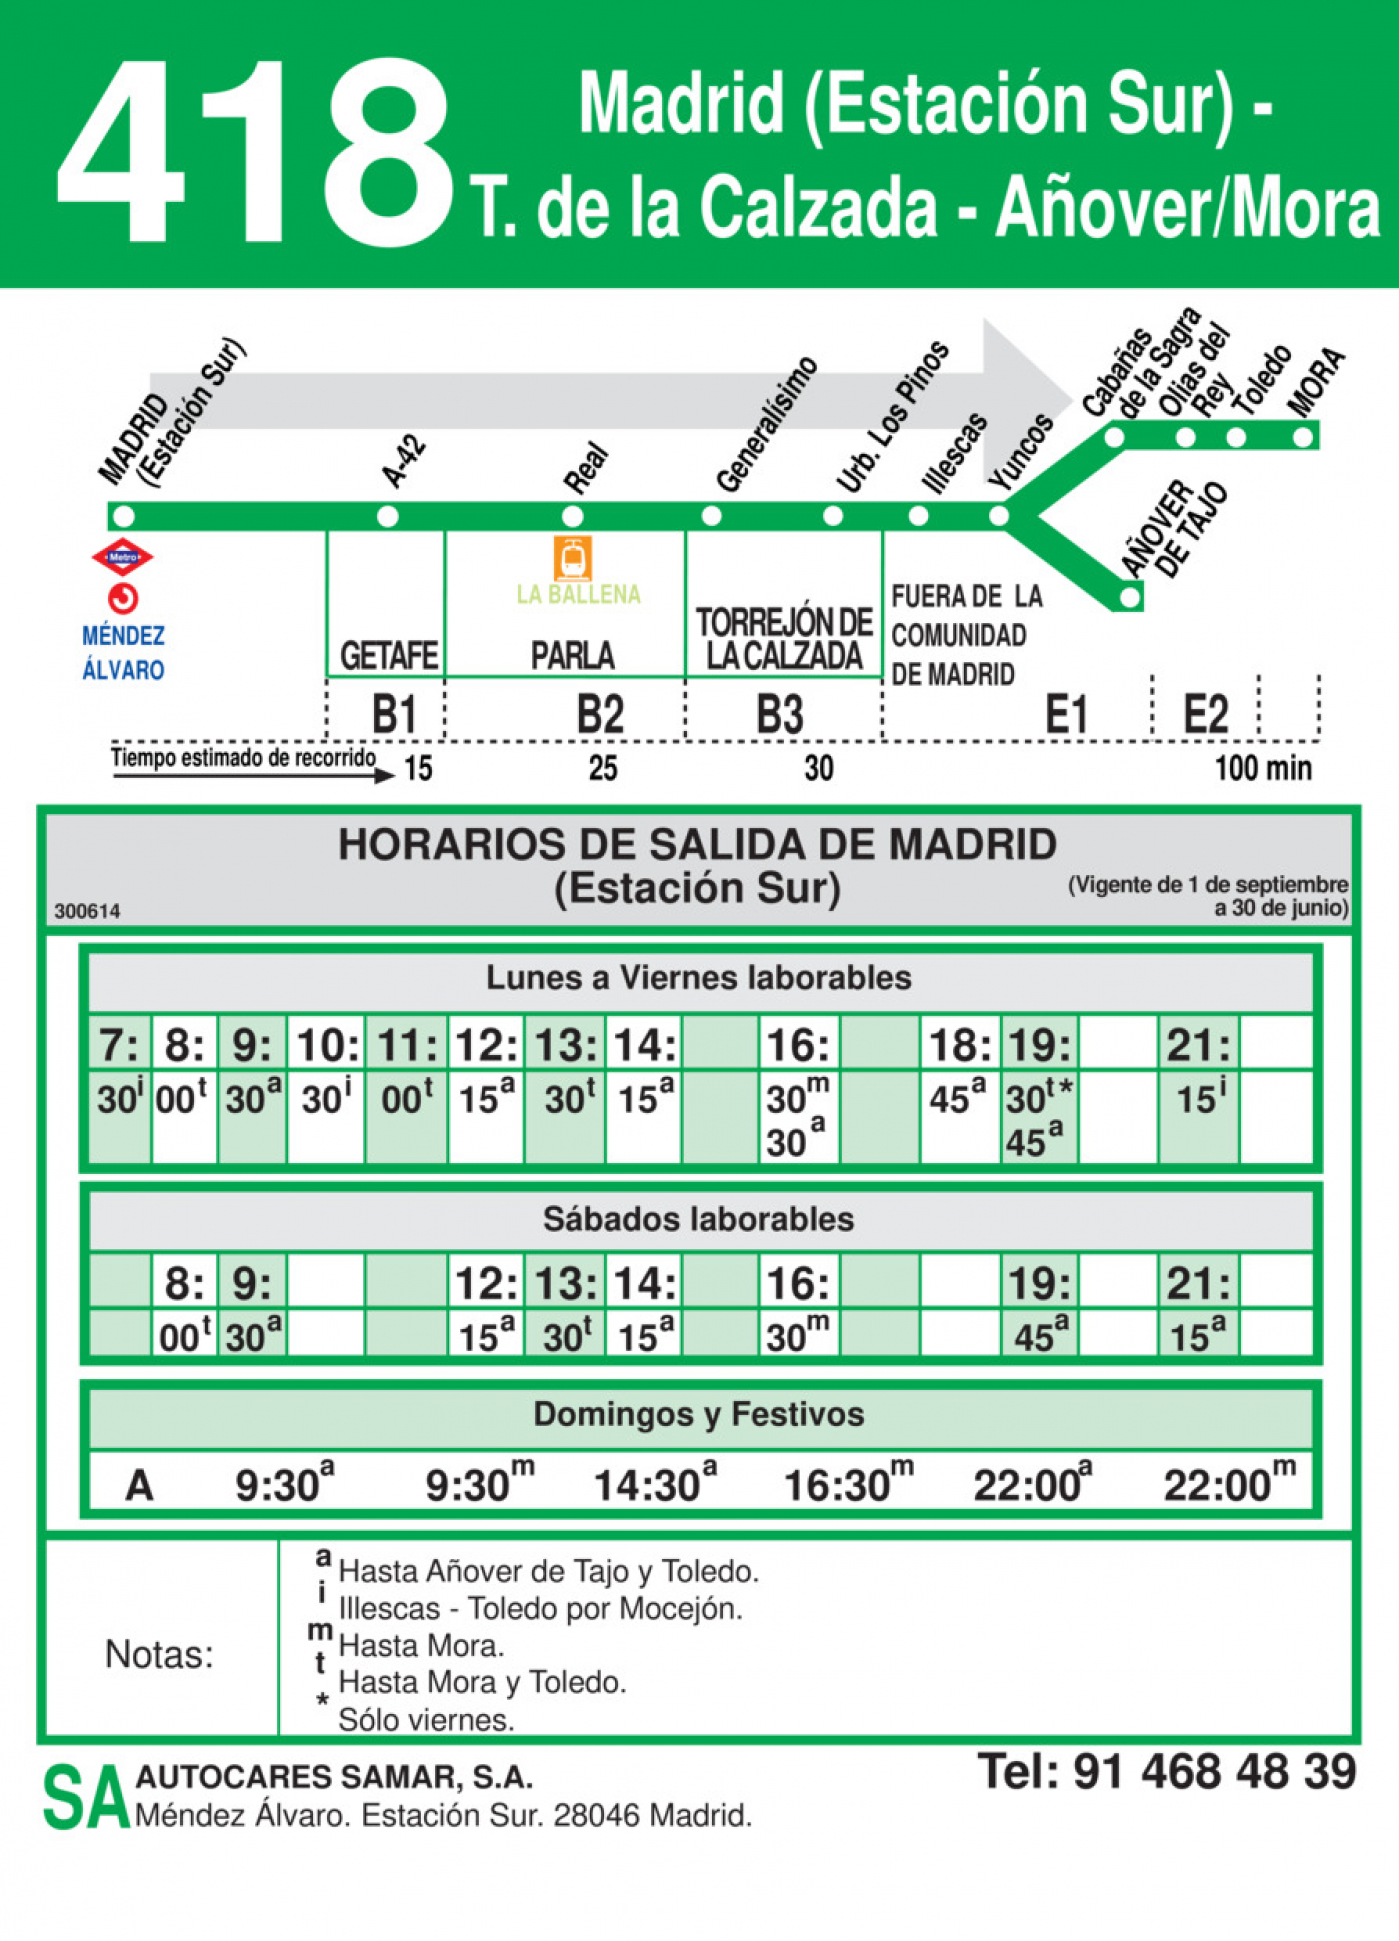 Tabla de horarios y frecuencias de paso en sentido ida Línea 418: Madrid (Estación Sur) - Torrejón de la Calzada - Añover - Mora